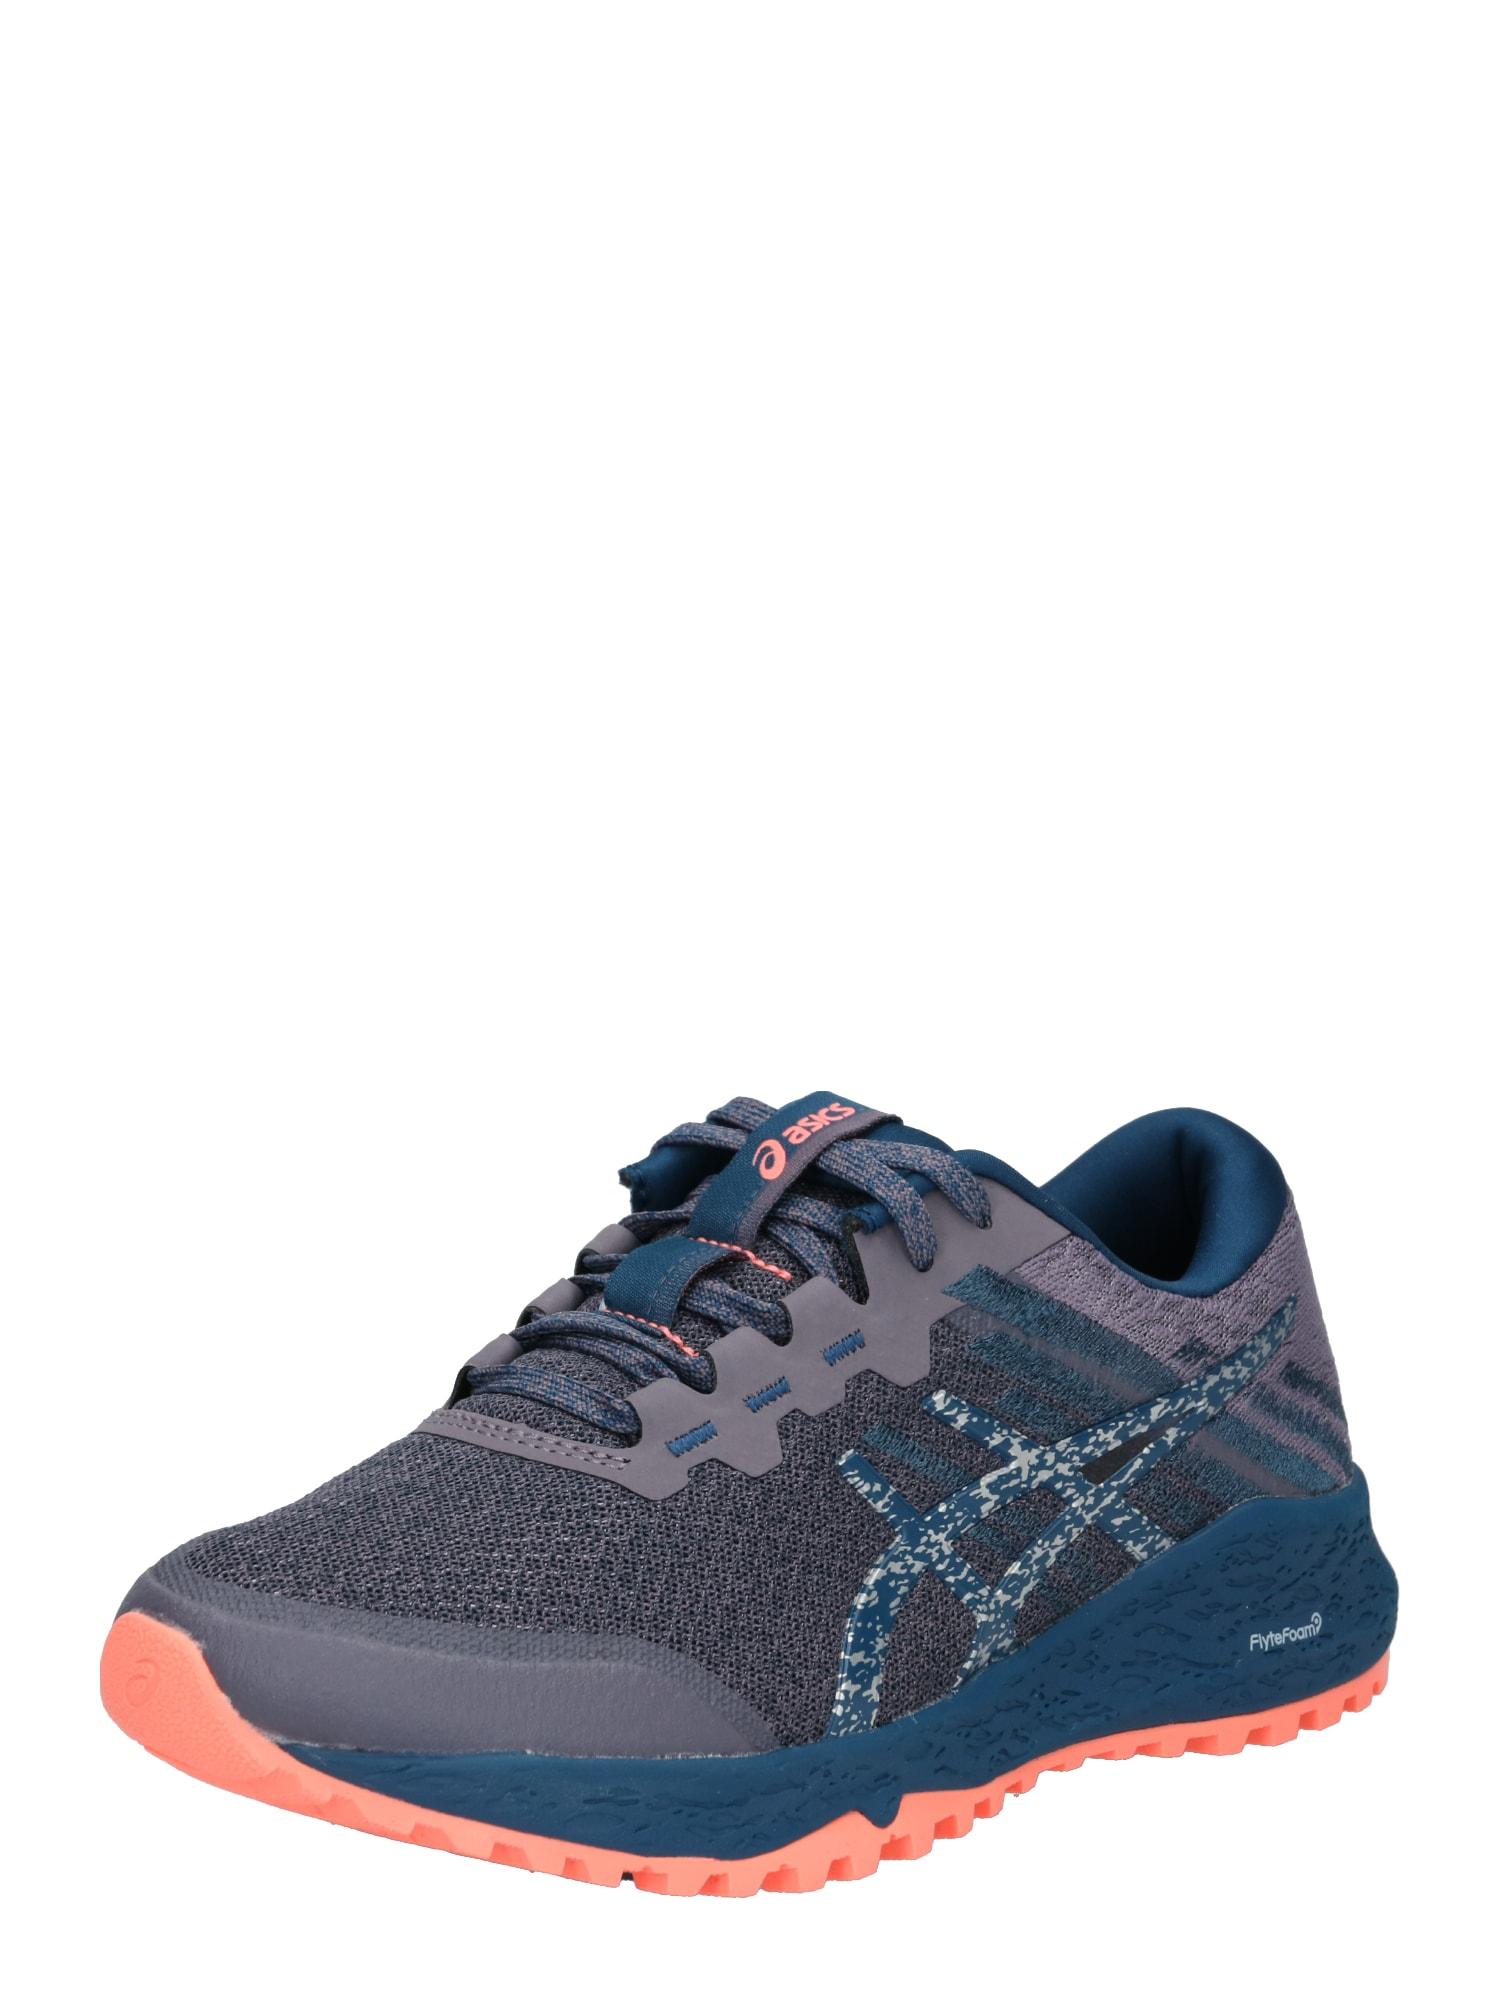 Běžecká obuv ALPINE XT 2 šedá petrolejová bílá ASICS